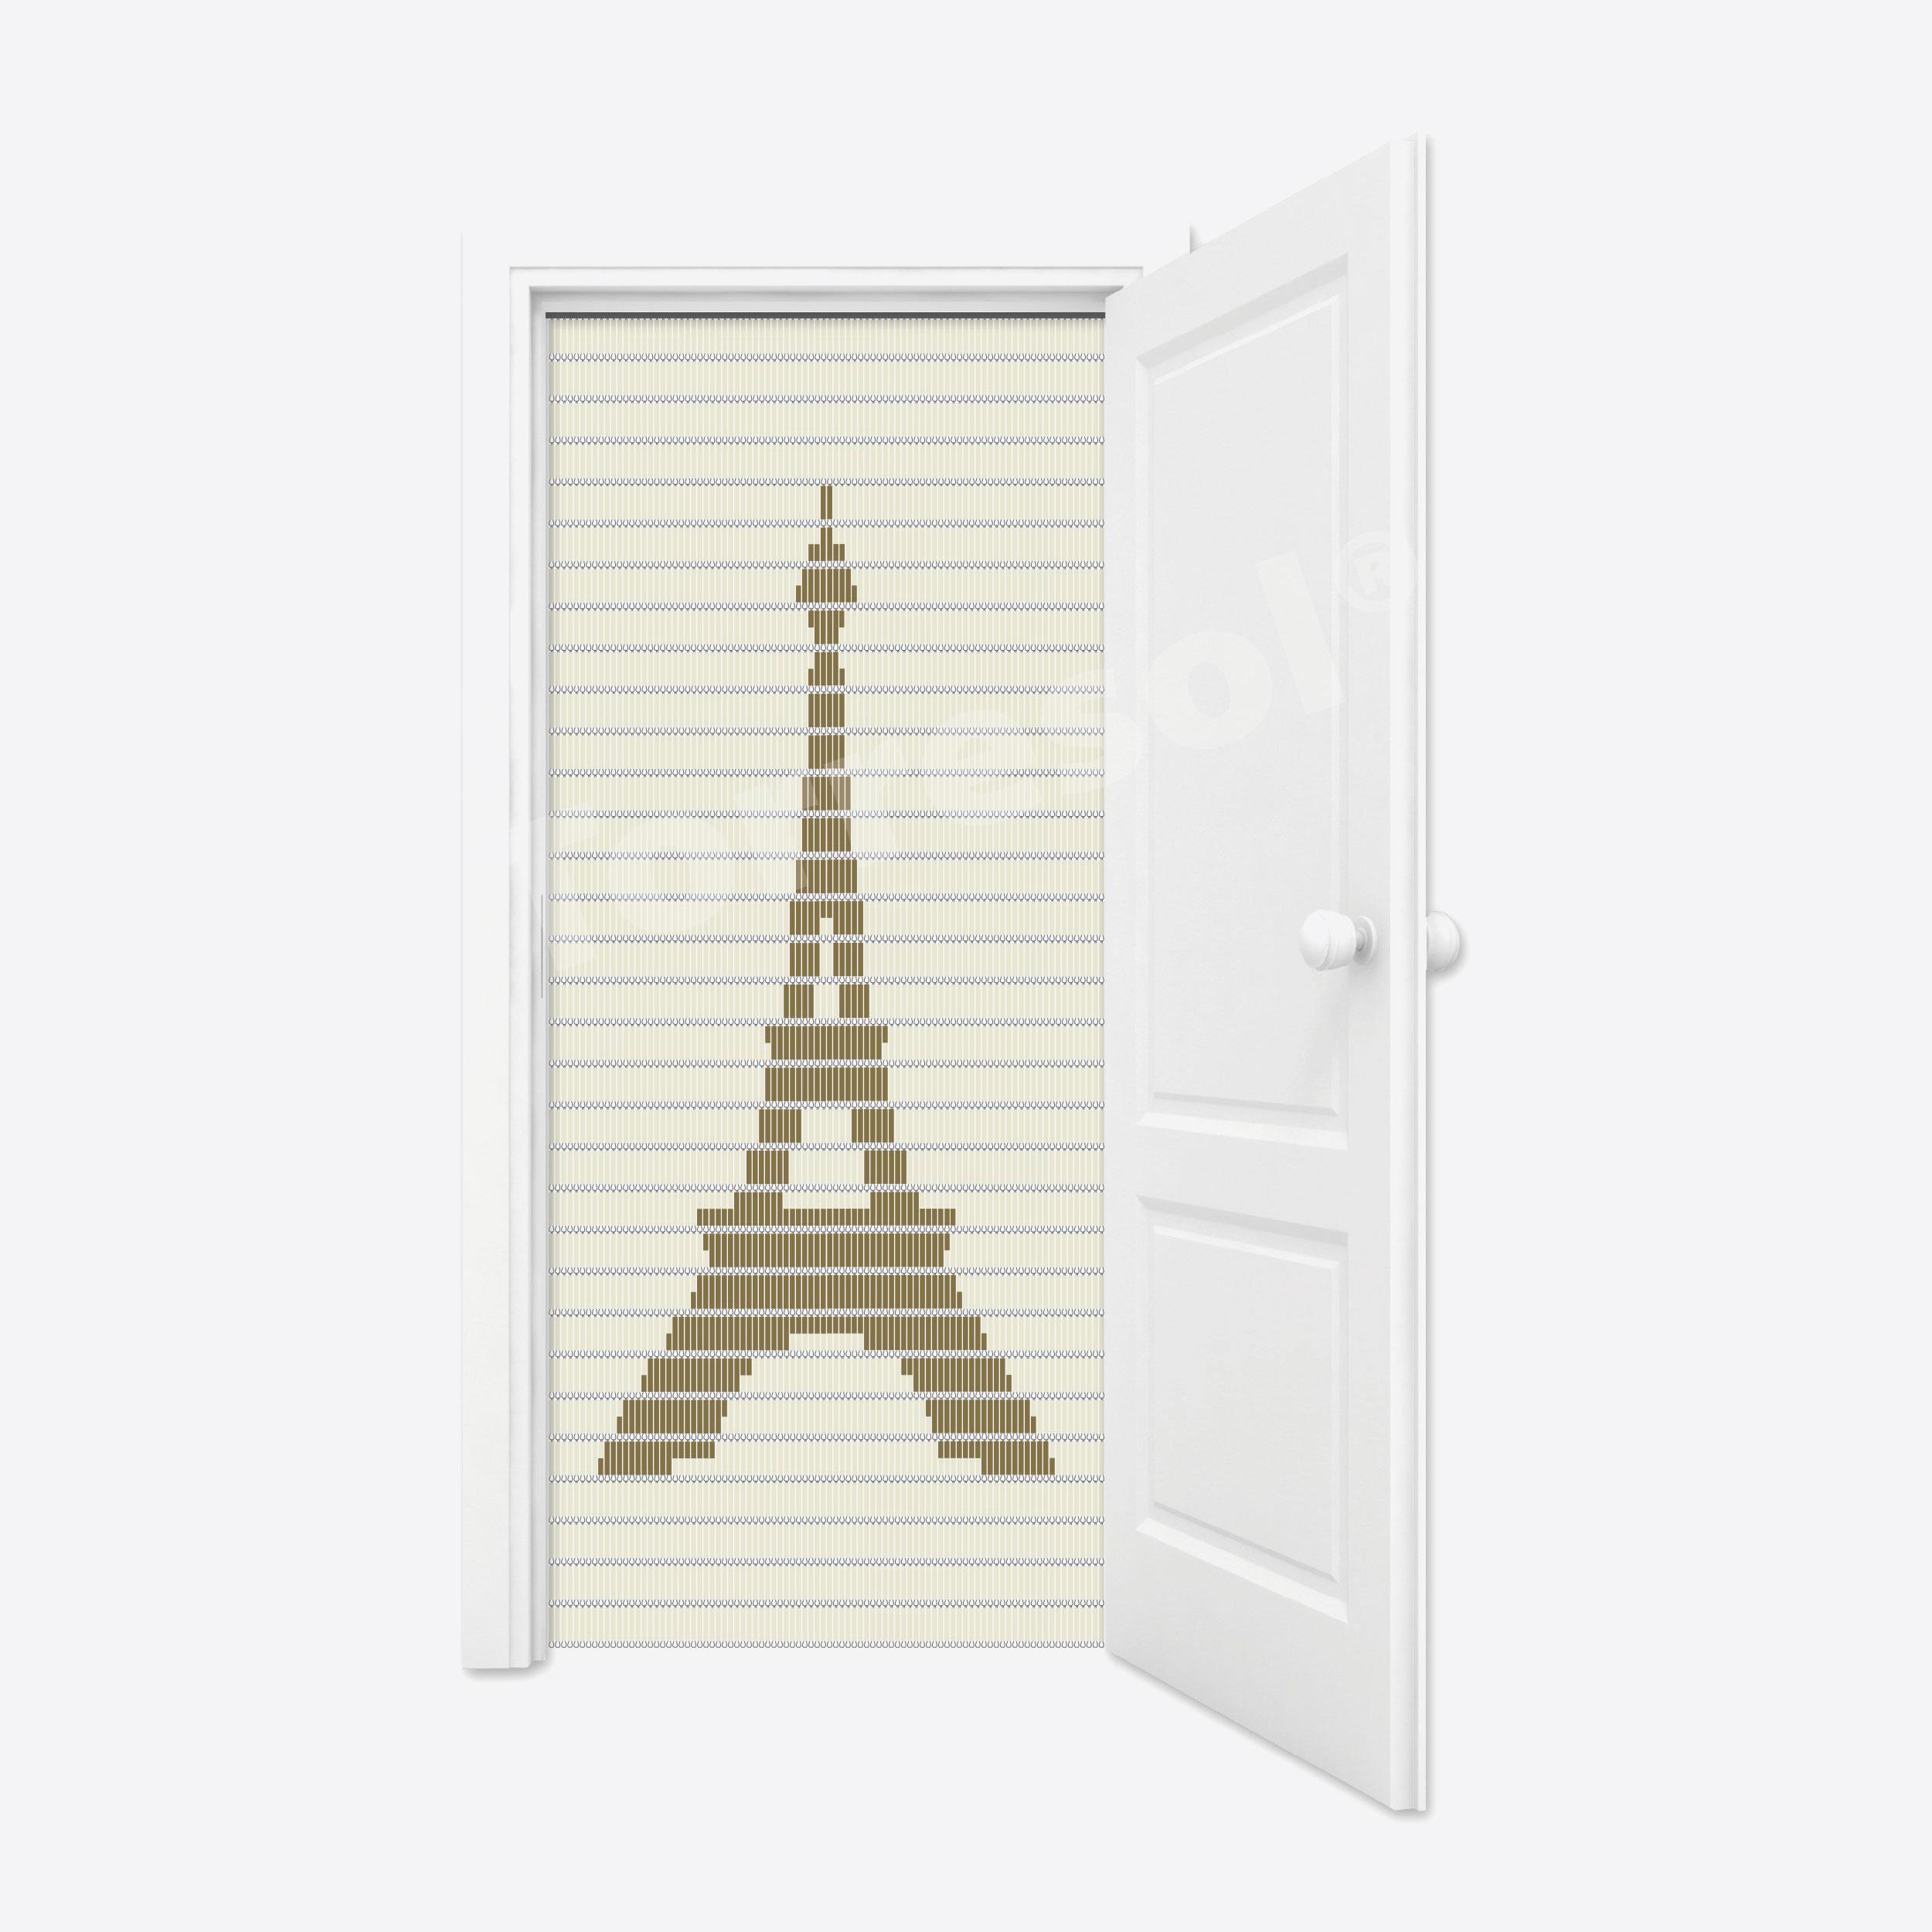 Torresol Vliegengordijn Eiffeltoren Mijnvliegengordijnnl